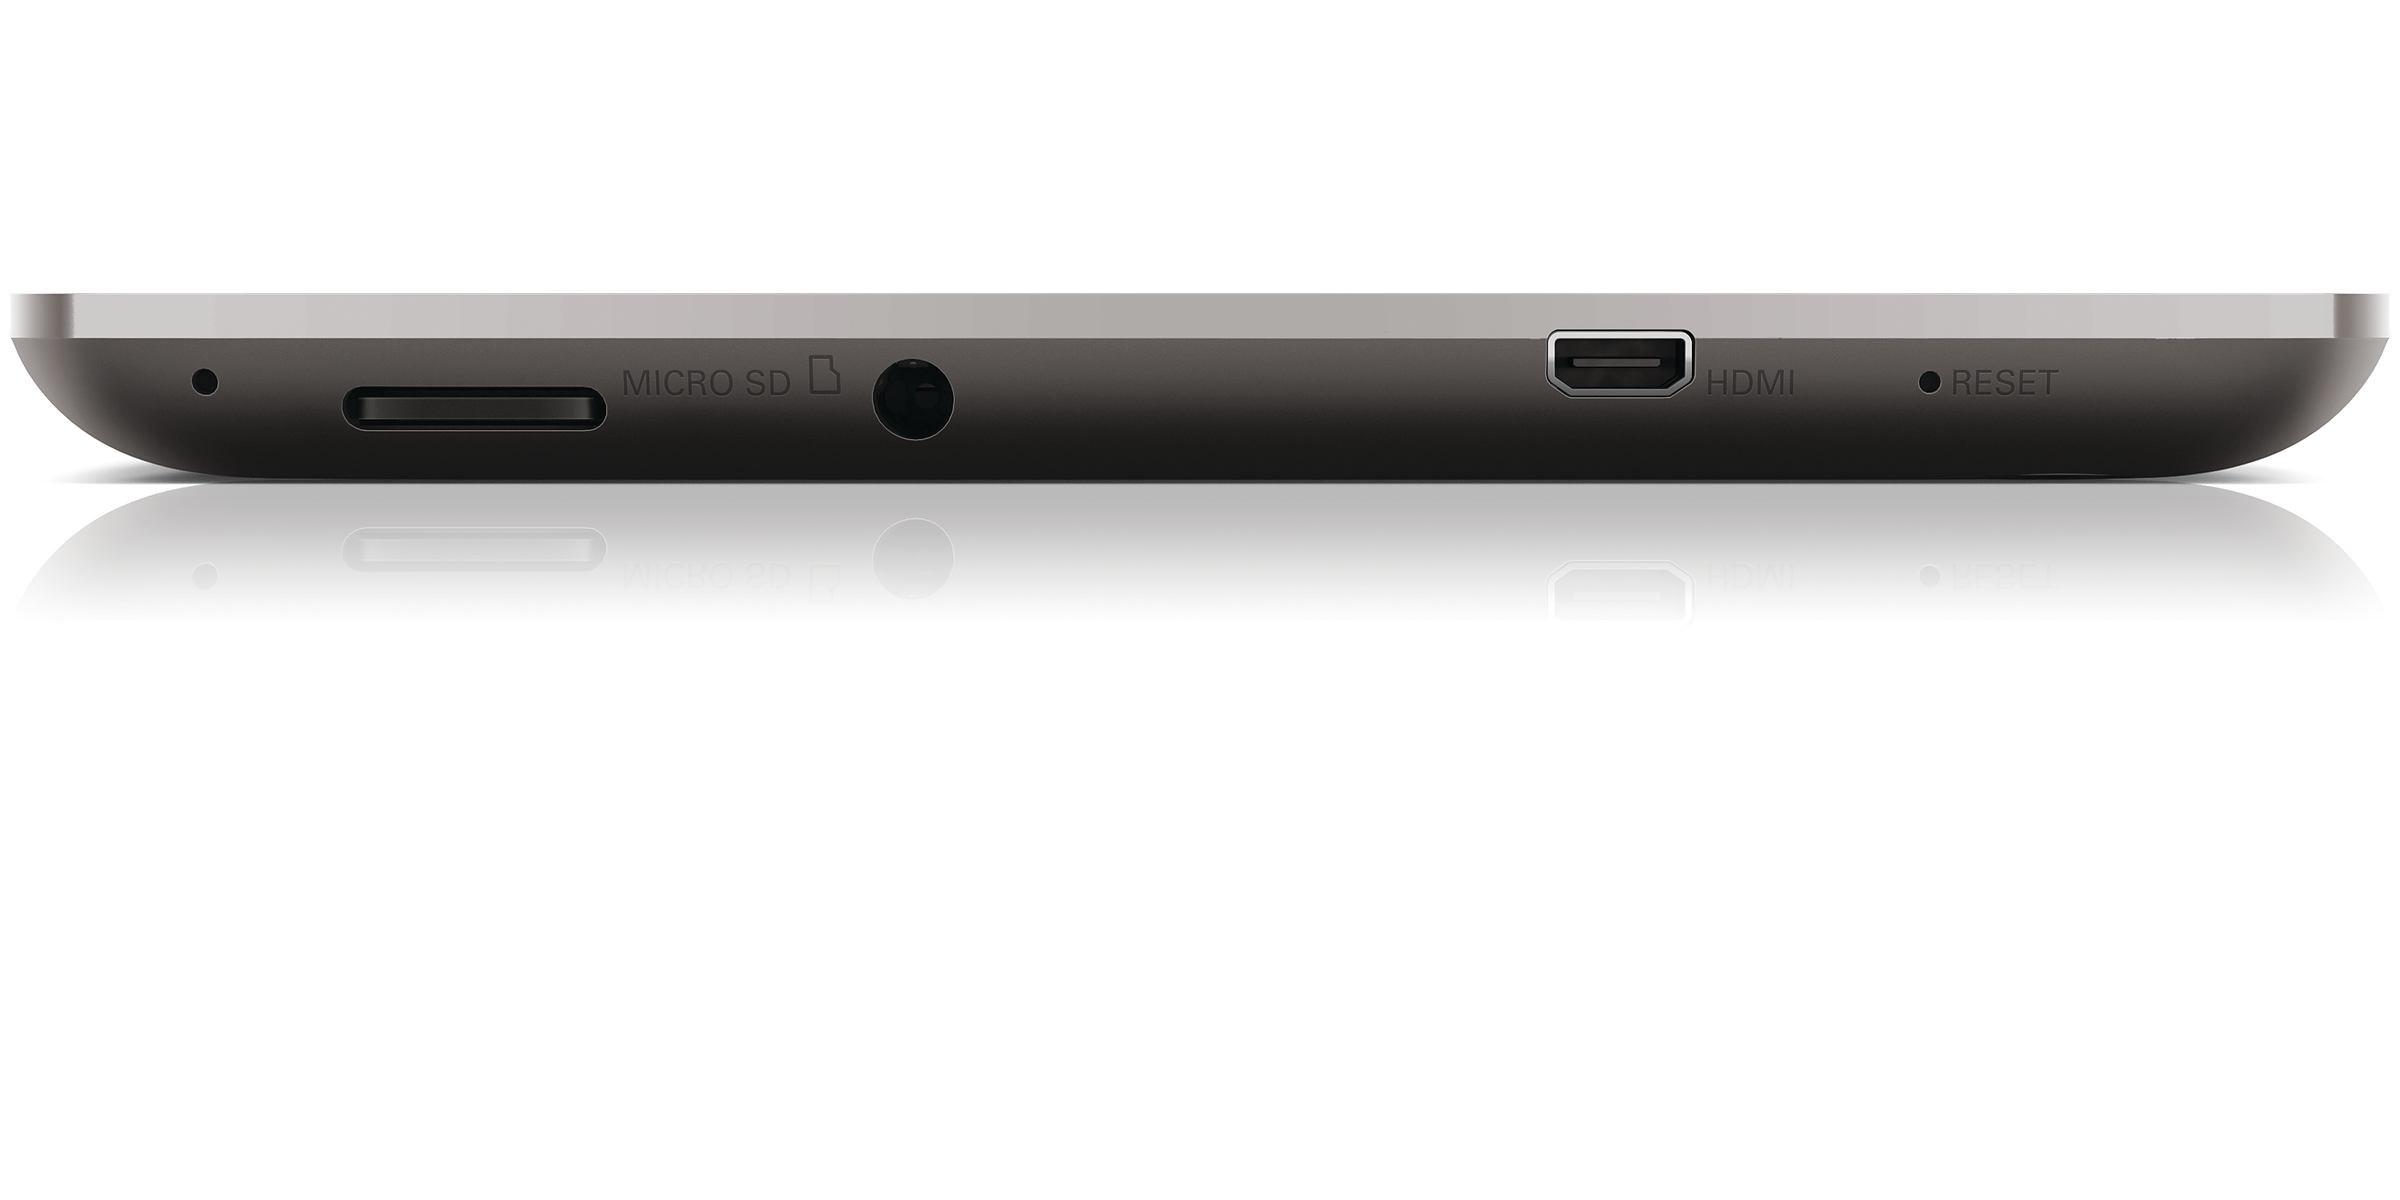 Philips 7 PI3910B tablet en México salidas de audio, micro HDMI y más